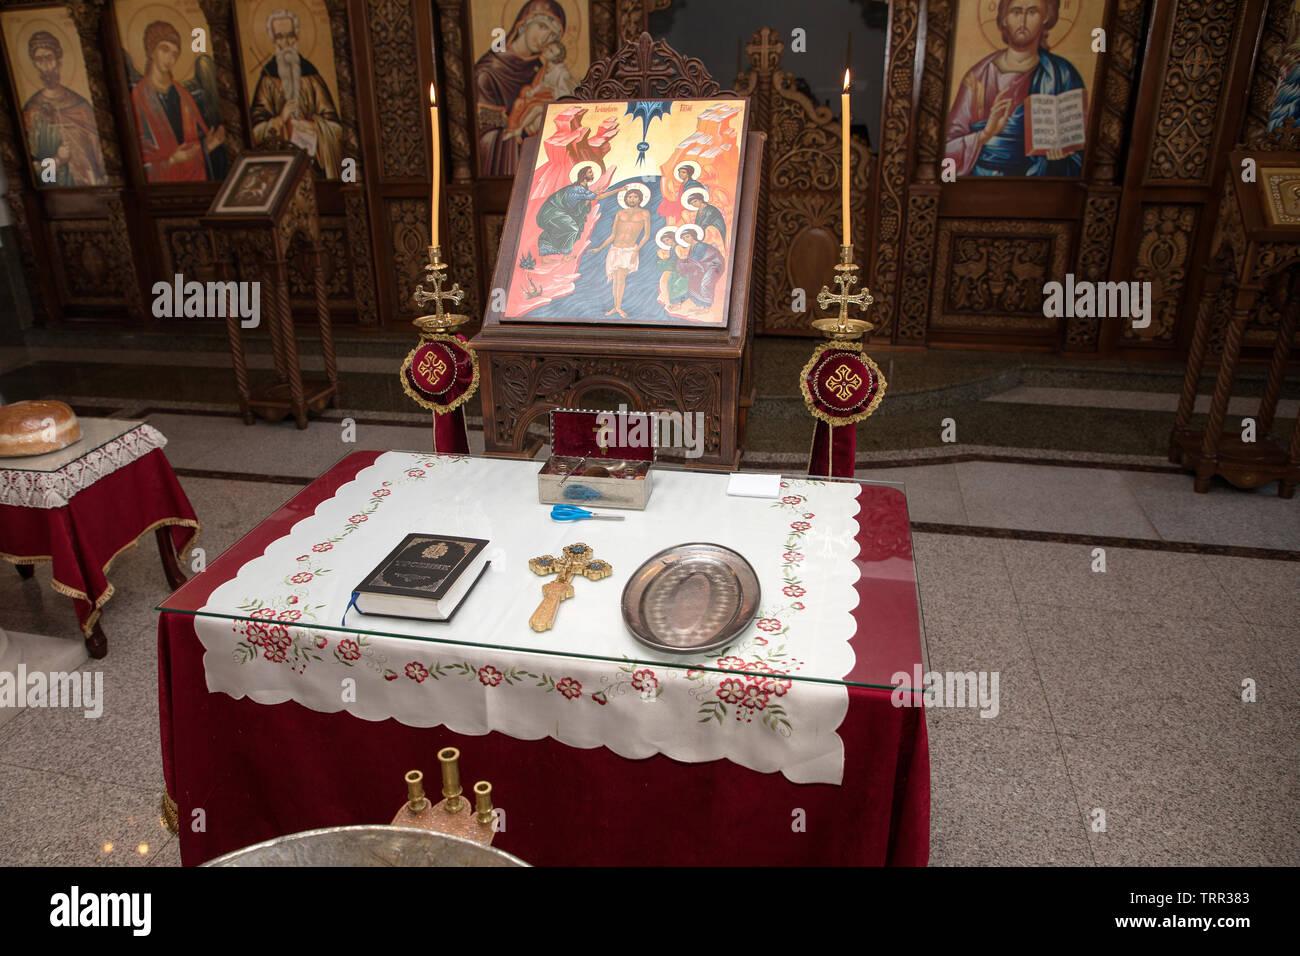 Zubehör Für Die Taufe Von Kindern Symbole Von Kerzen Und